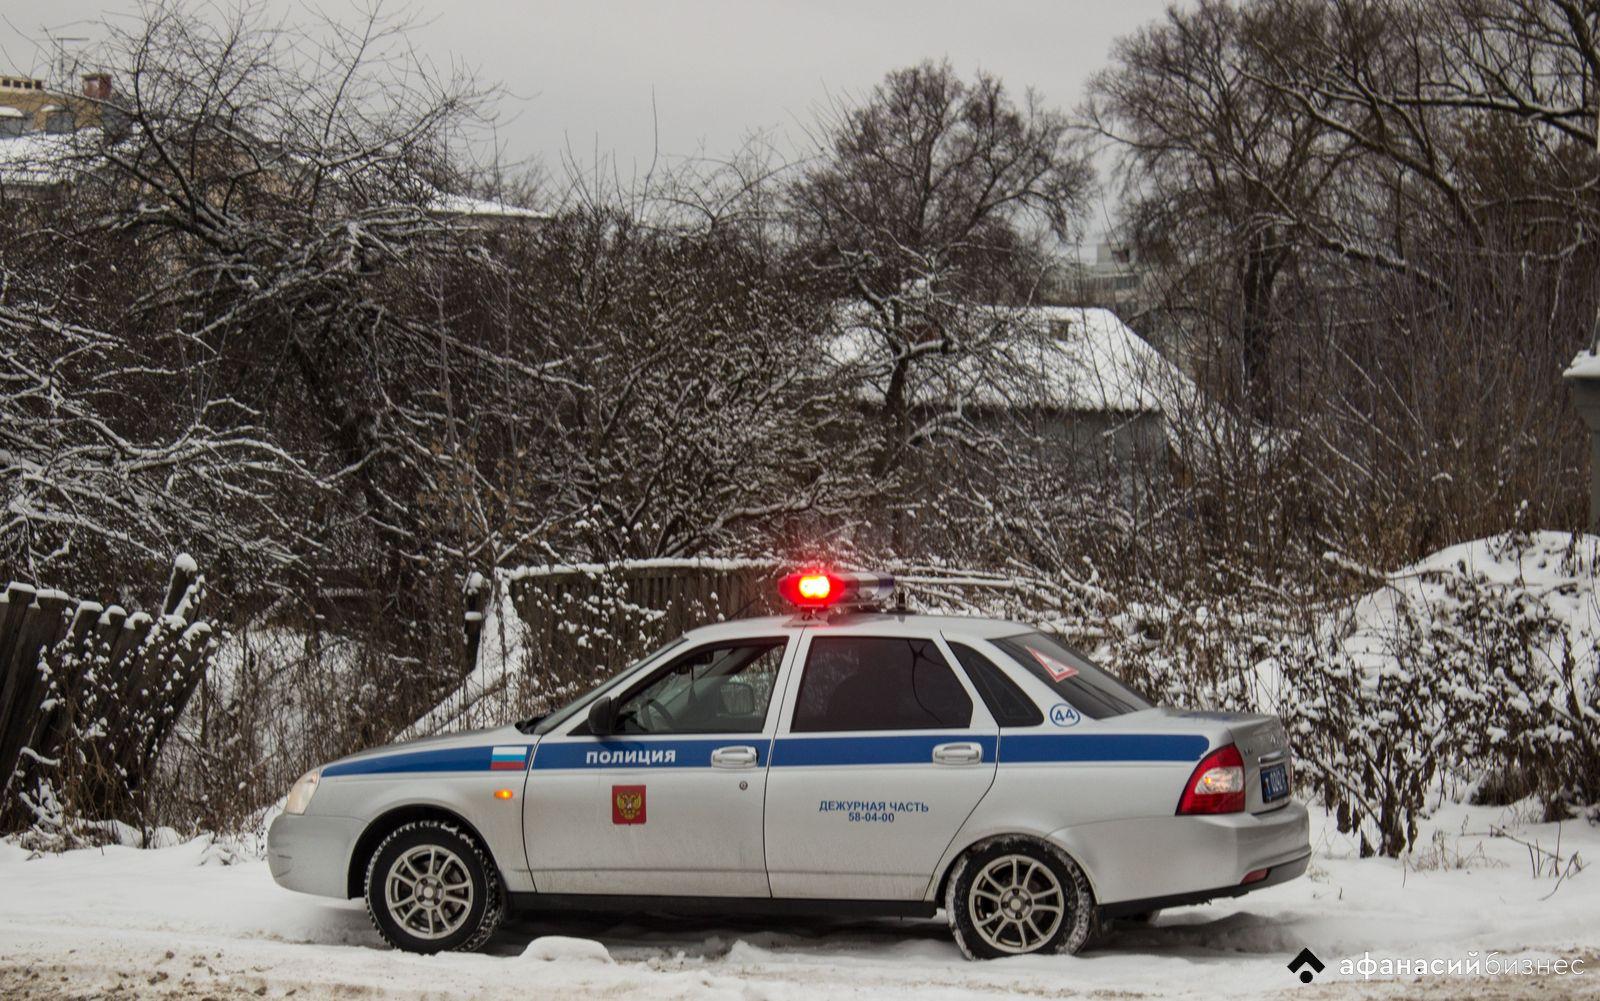 Тверских водителей и пешеходов просят быть внимательными на дорогах во время снегопада